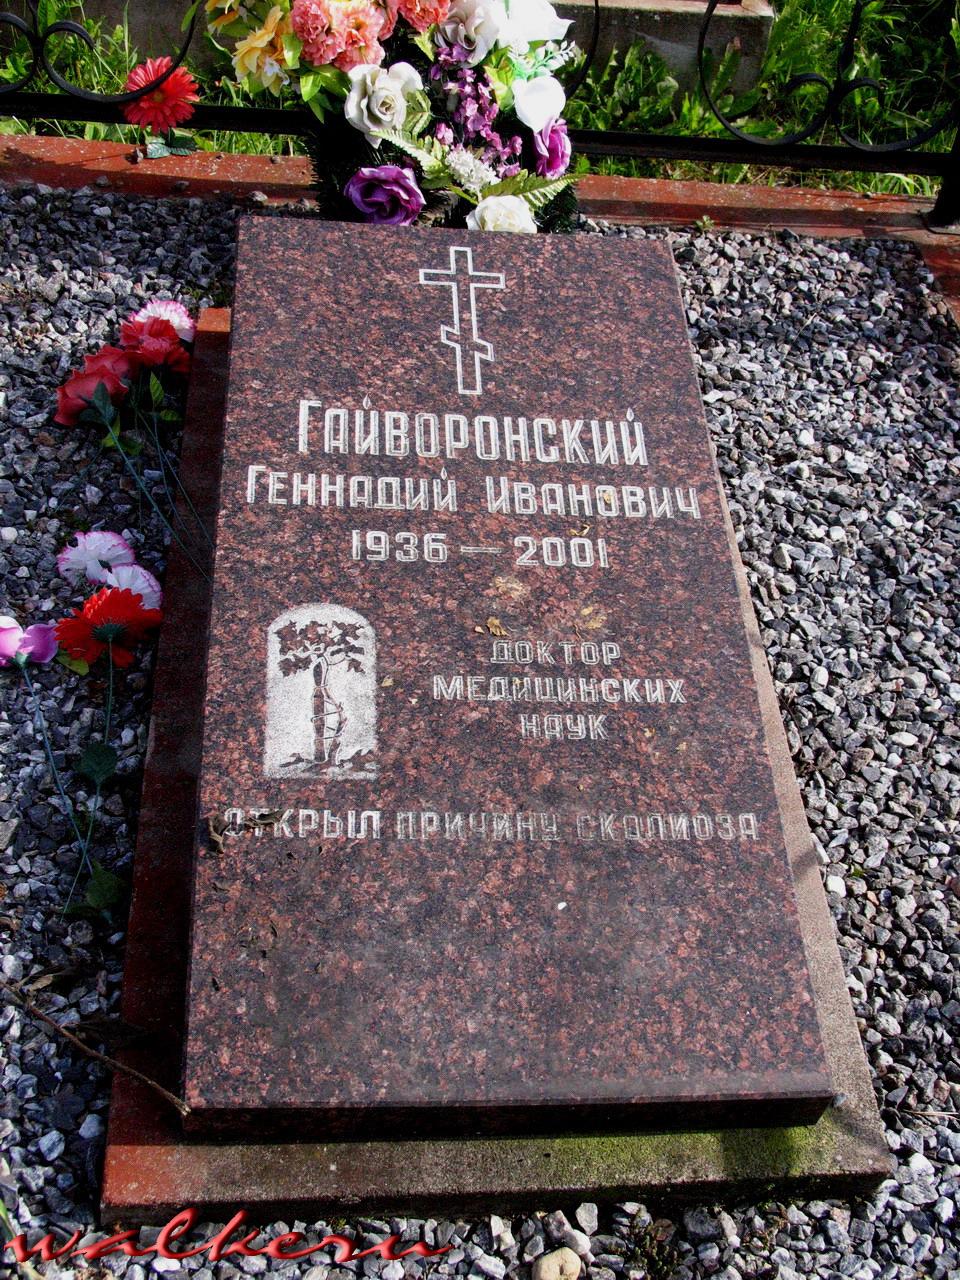 Могила Гайворонского Г.И. на Кузьминском кладбище